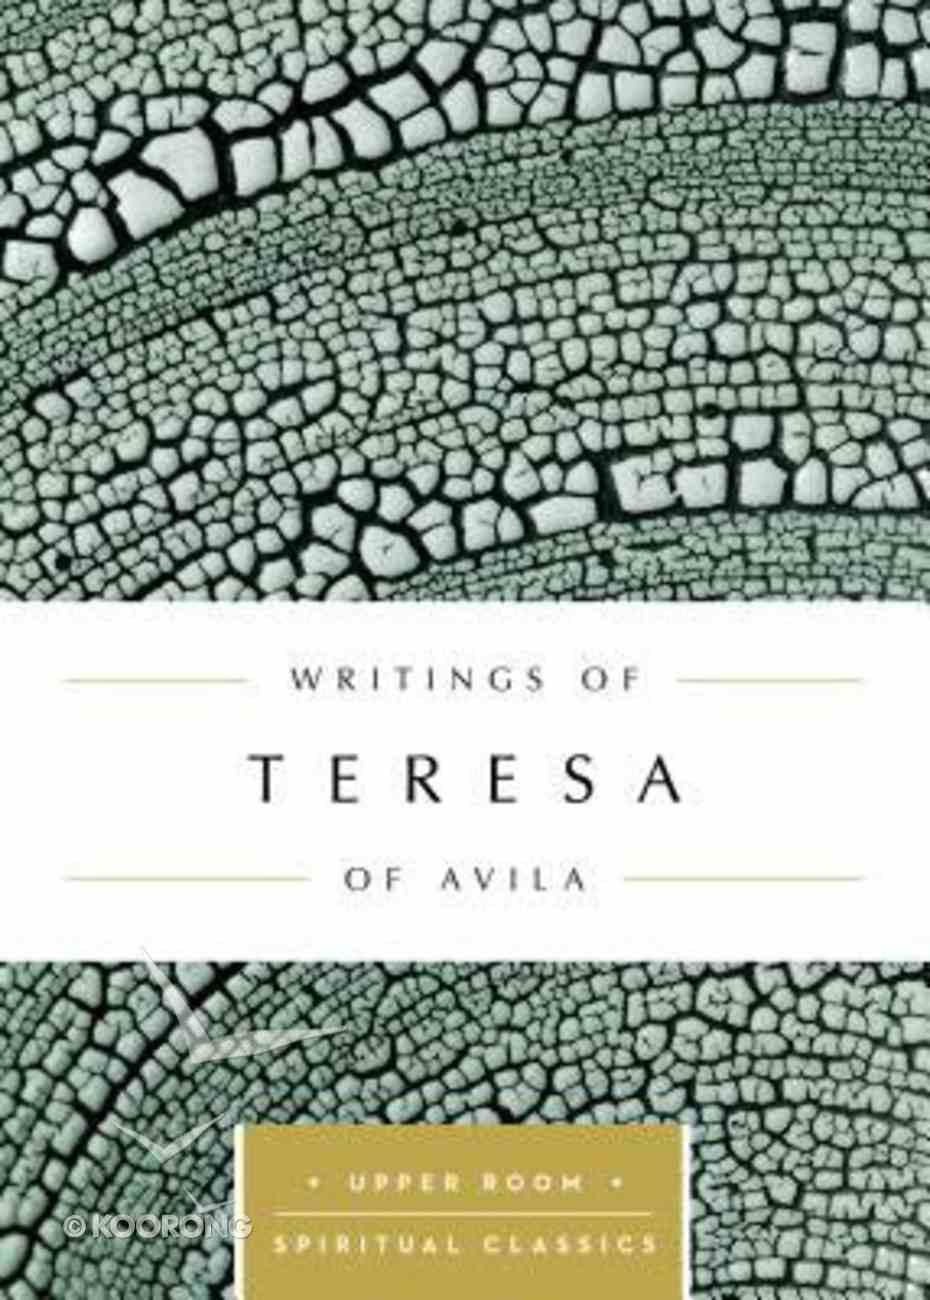 Writings of Teresa of Avila (Upper Room Spiritual Classics Series) Paperback